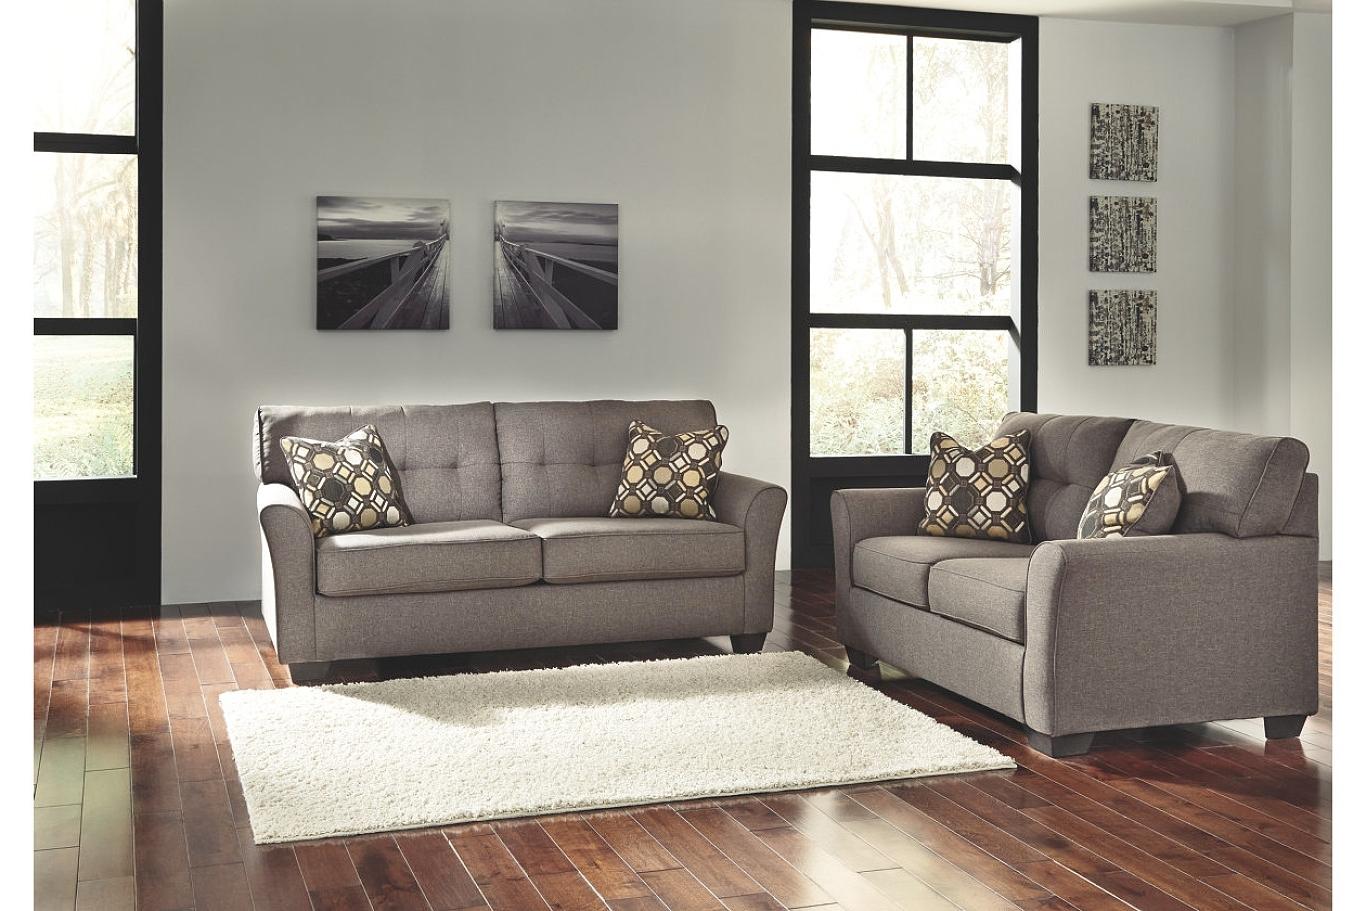 Complete Living Room Sets Nebraska Furniture Mart Leather Intended For Most Recently Released Nebraska Furniture Mart Sectional Sofas (View 17 of 20)